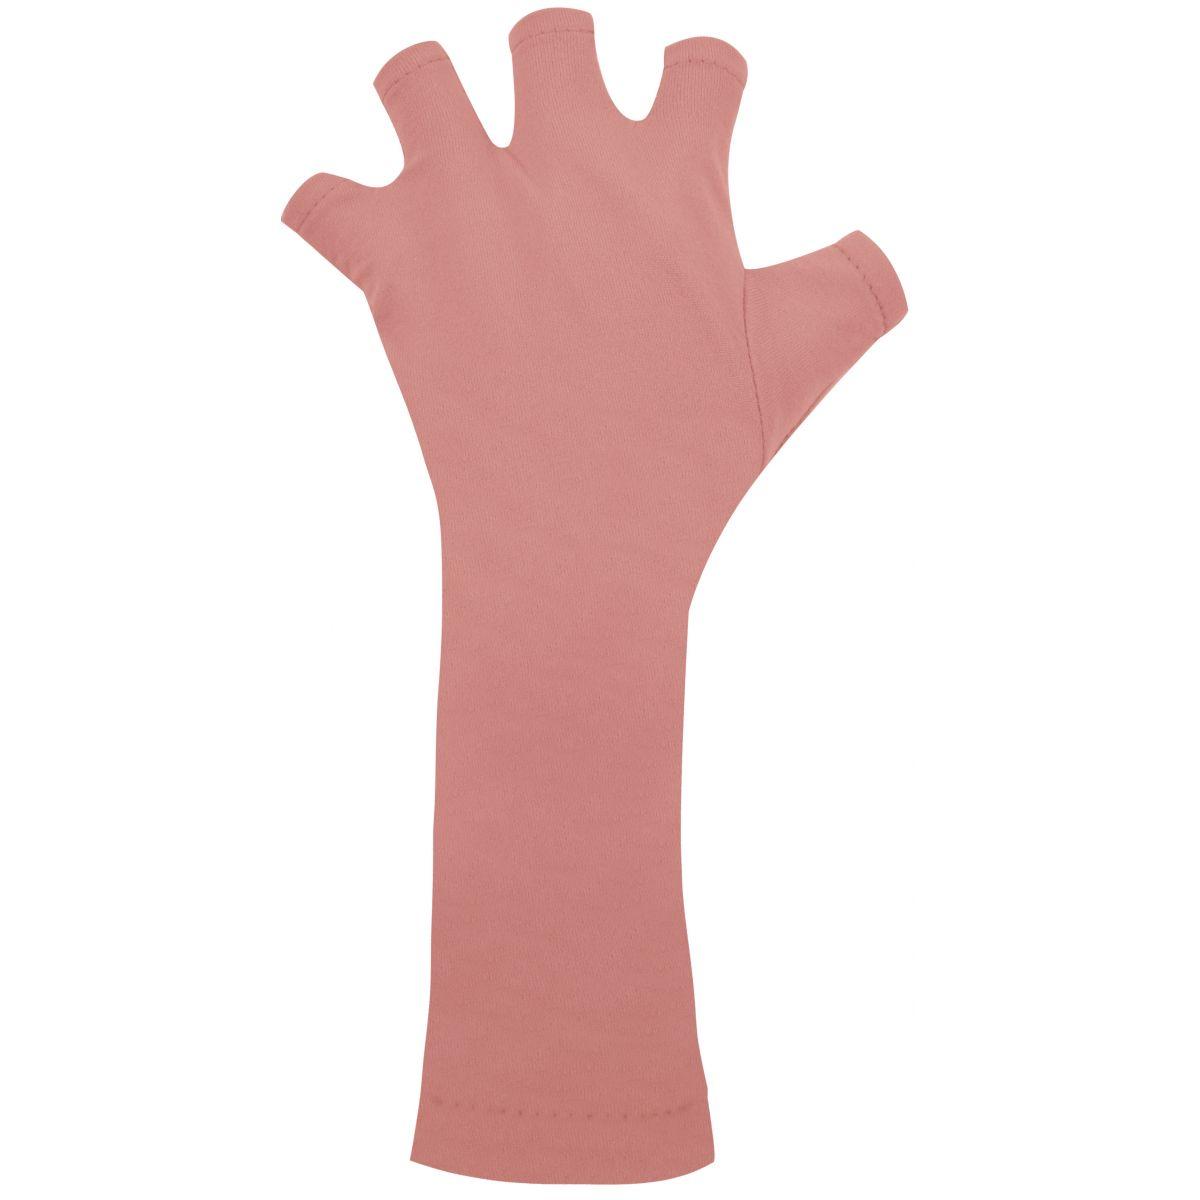 Luva Rosa Protetora Das Mãos Para Cabine UV - Santa Clara